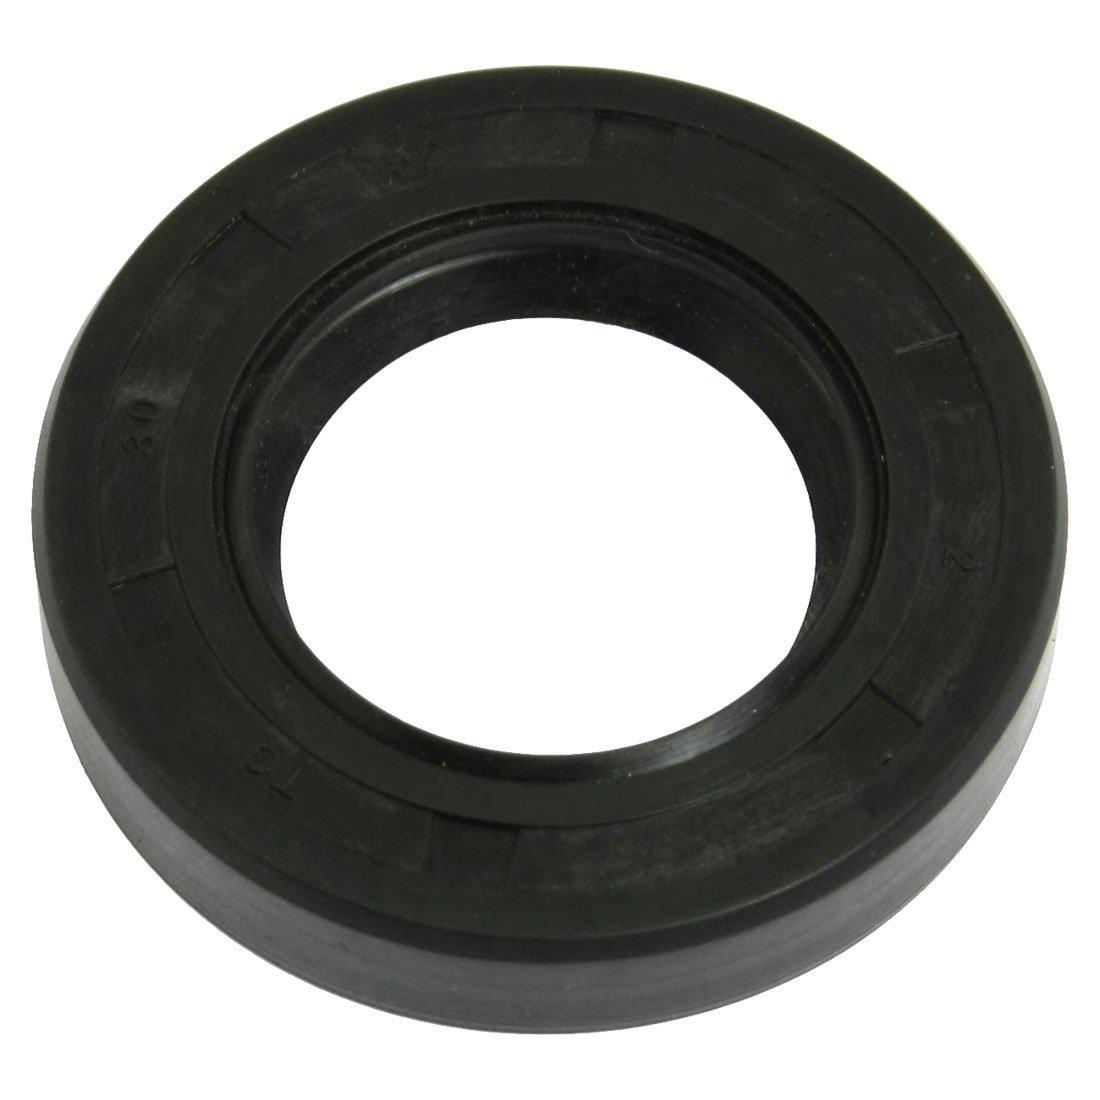 28x40x8mm xjs Nitrile Rubber Double Lip TC Oil Shaft Seal Black 5 Pcs